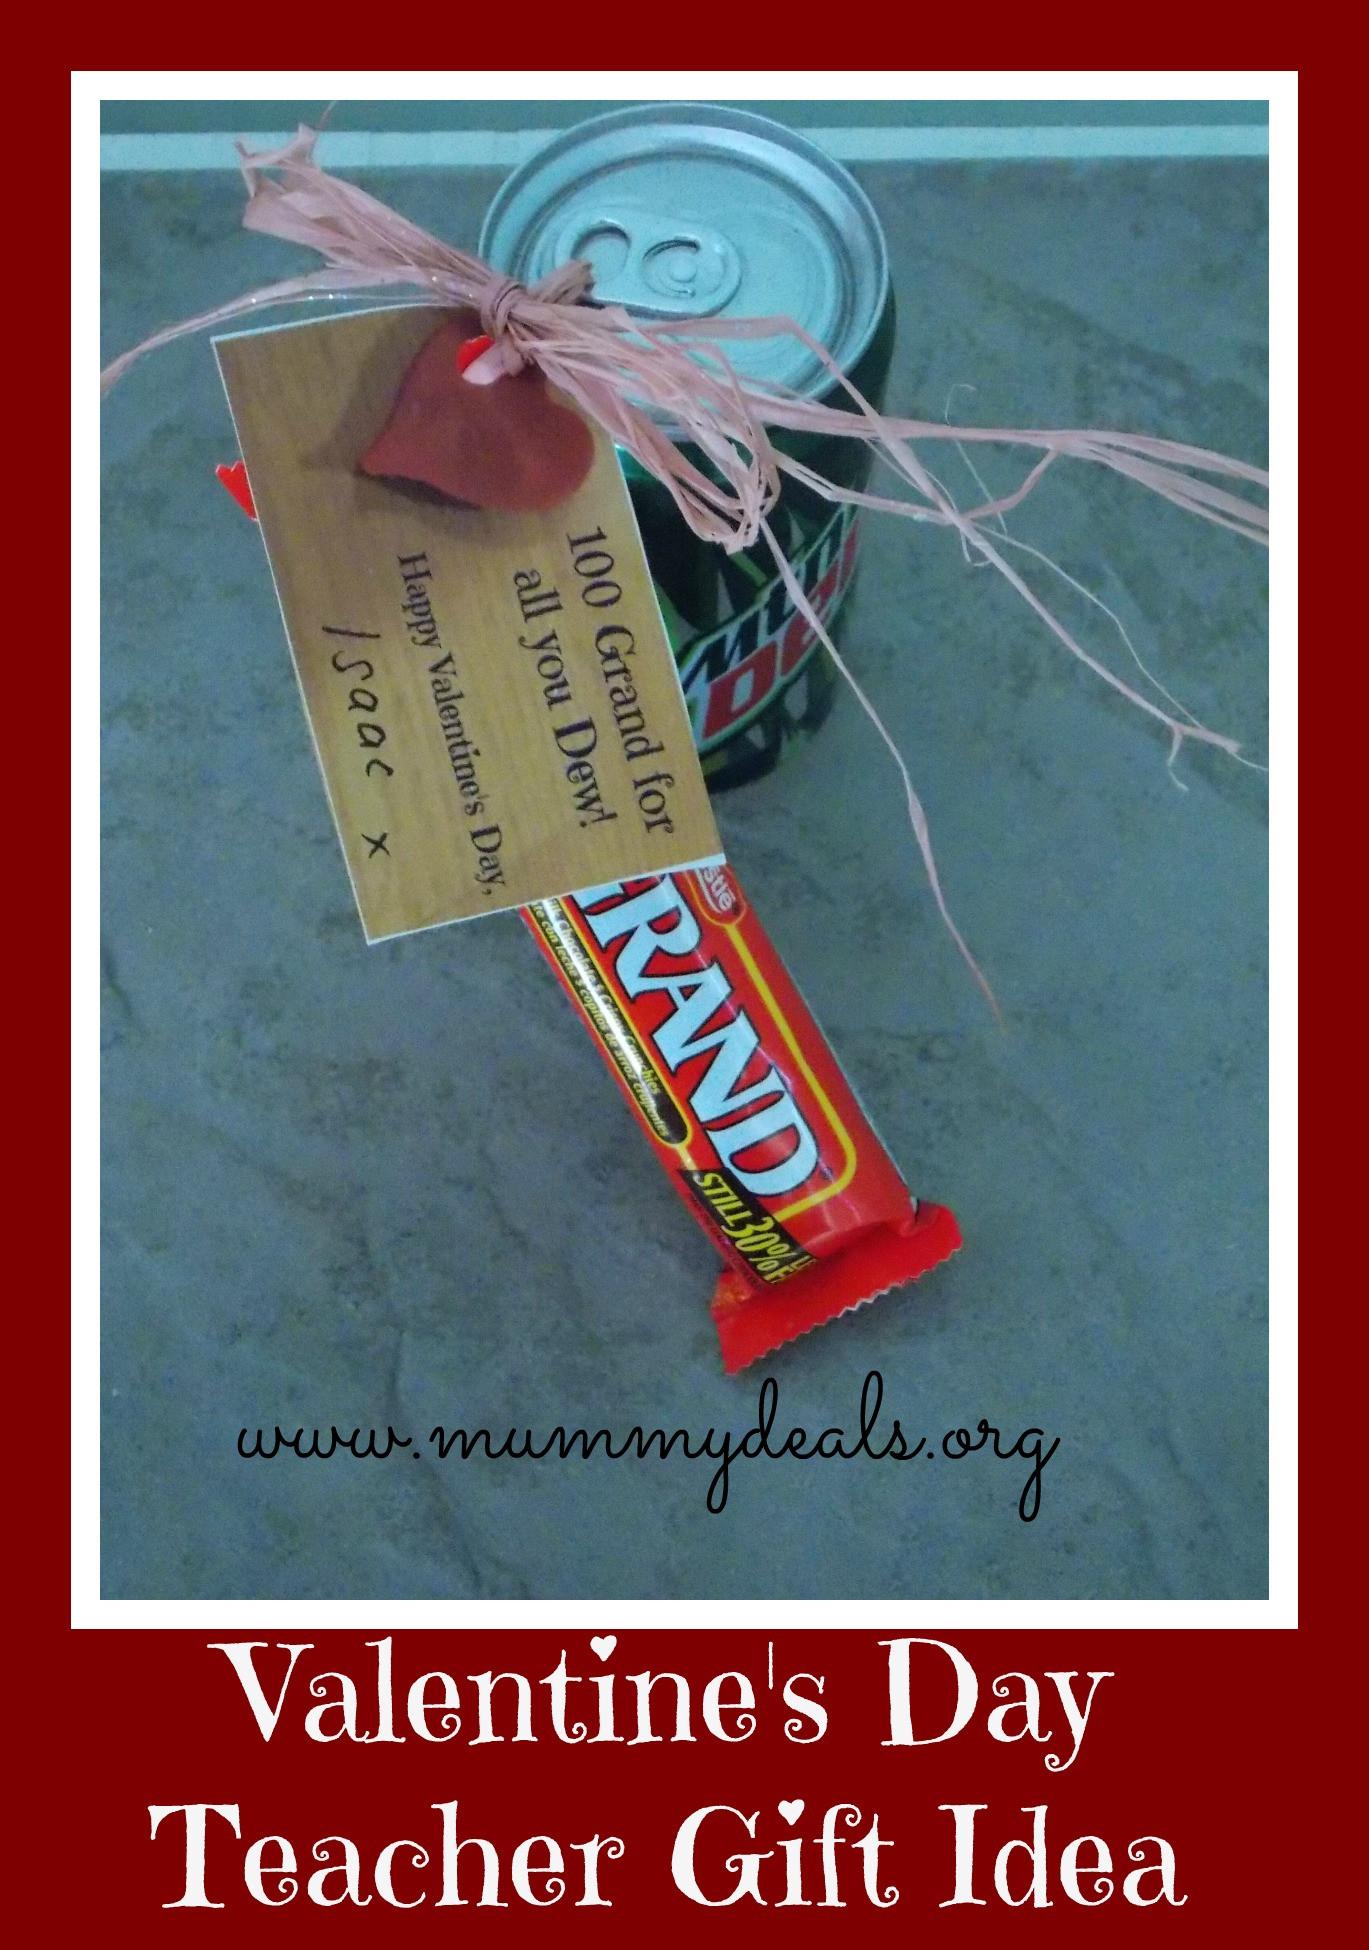 Teacher Valentines Gift Ideas  6 Valentine s Day Teacher Gift Ideas Mummy Deals